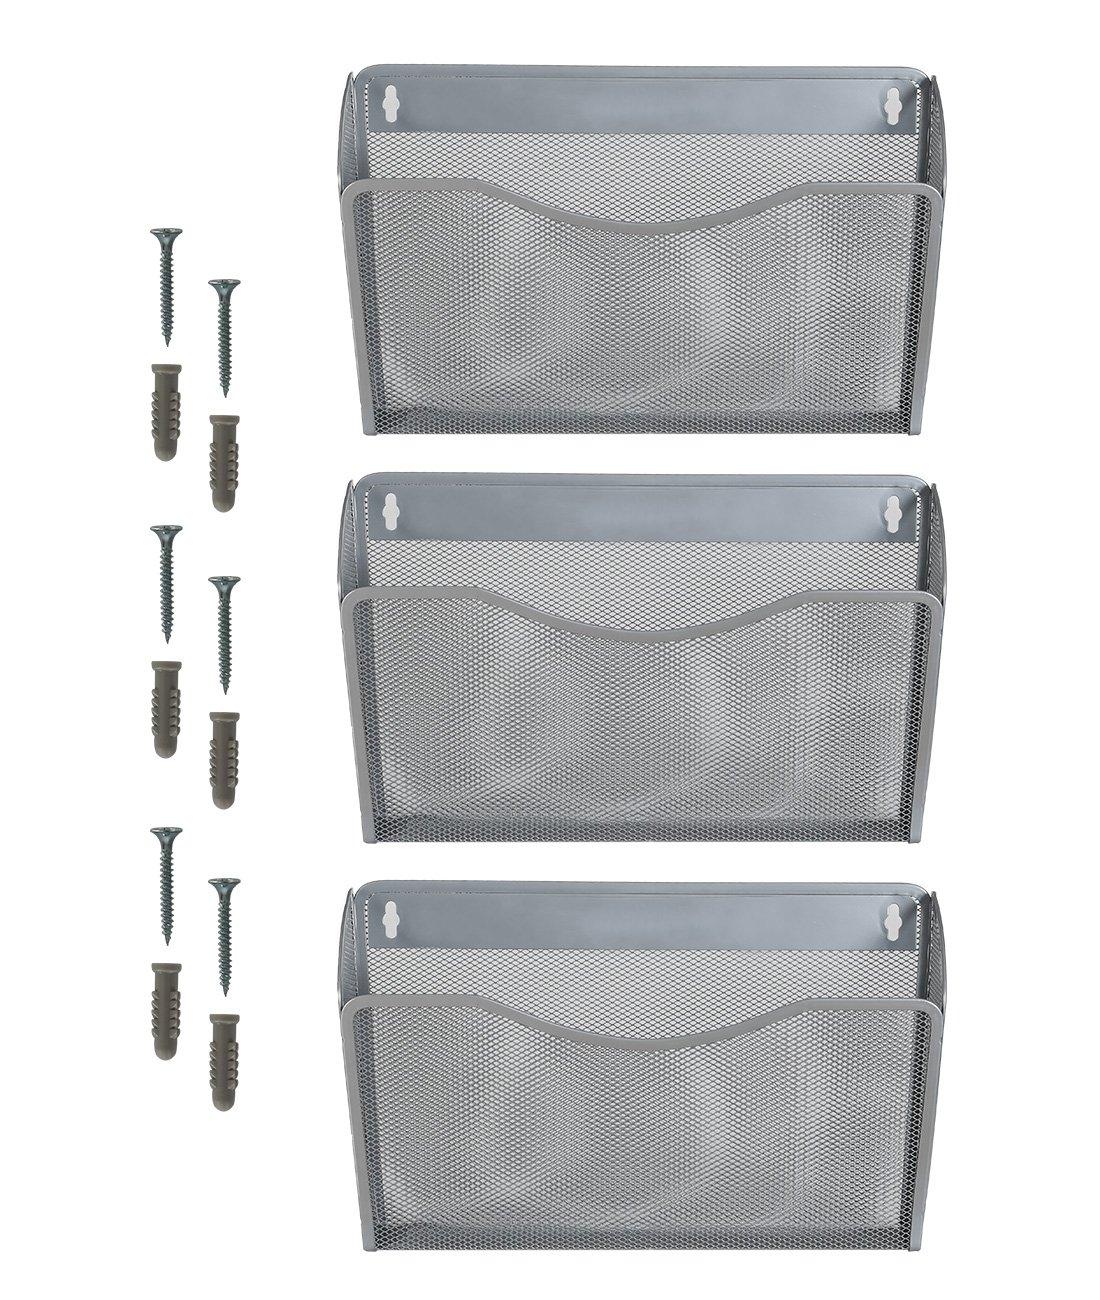 Silver Superbpag 3 Pocket Hanging Wall File Holder Organizer Magazine Rack